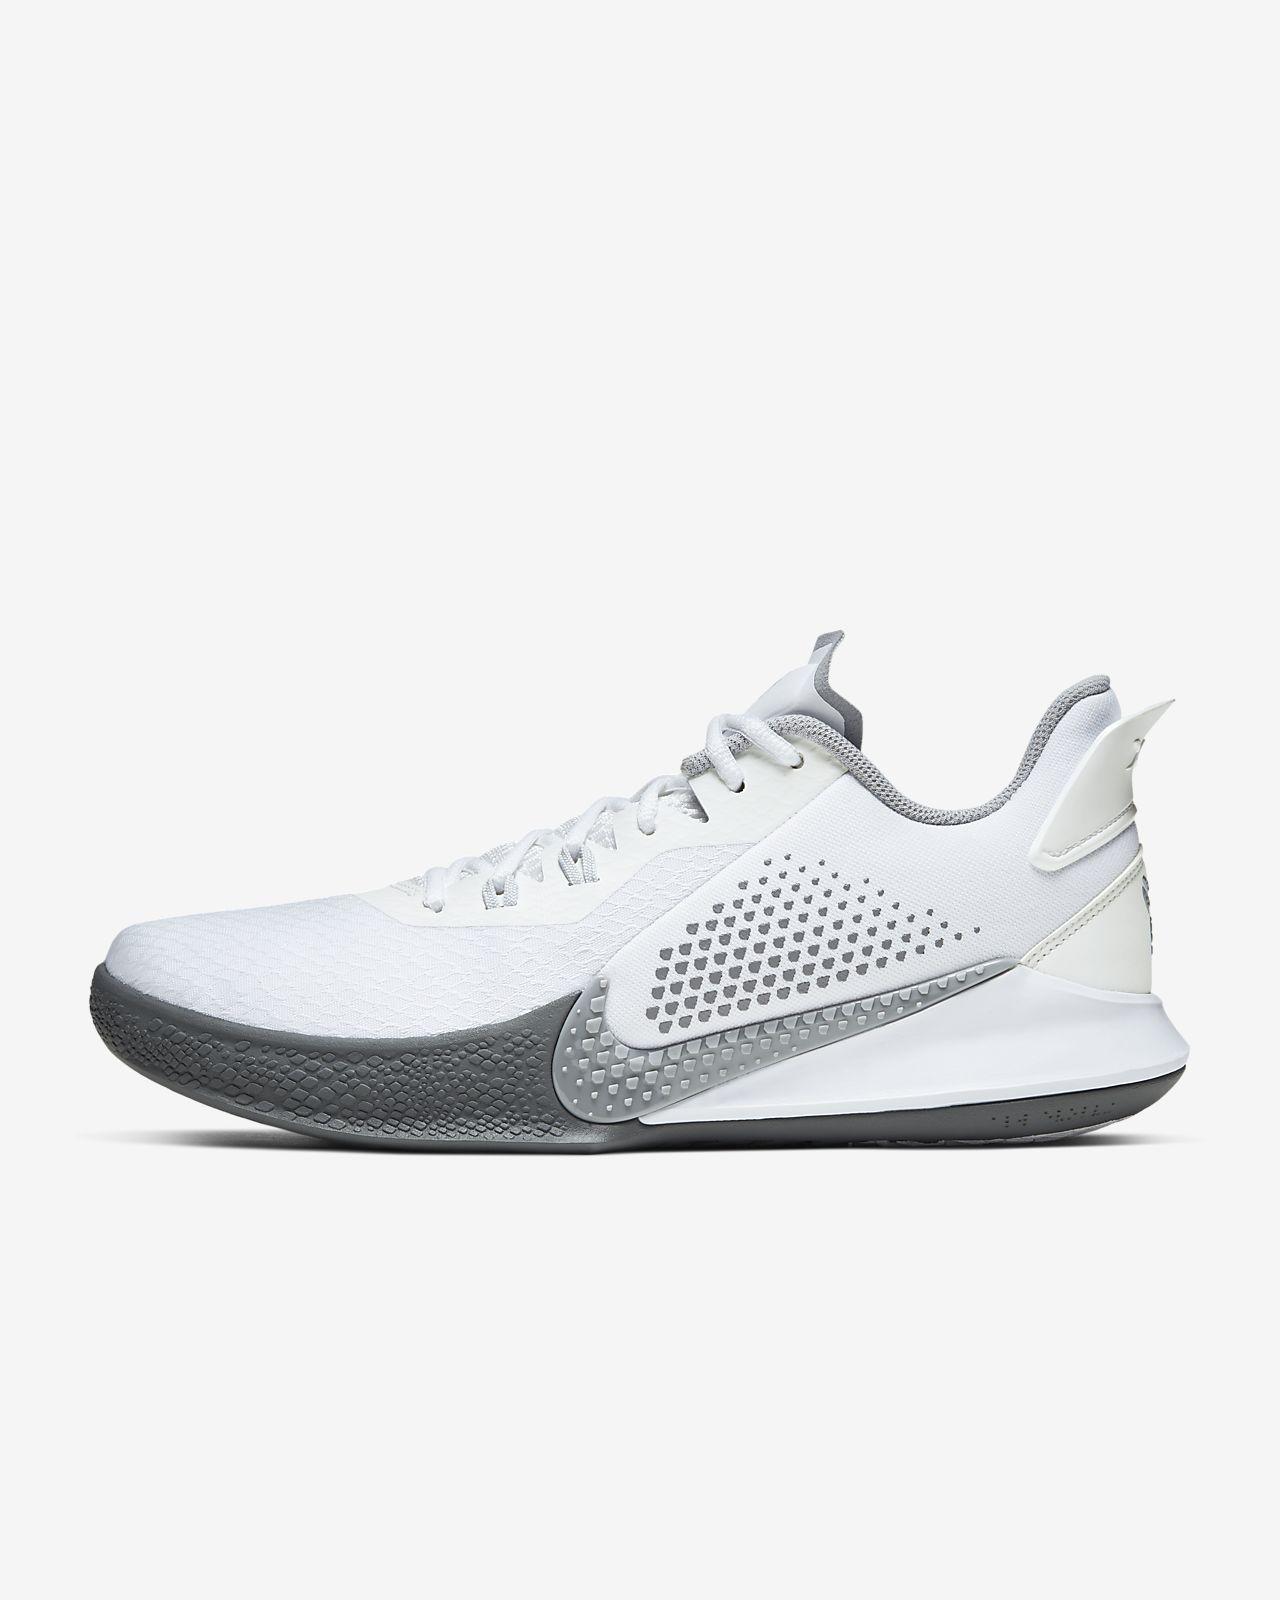 Mamba Fury Basketbol Ayakkabısı